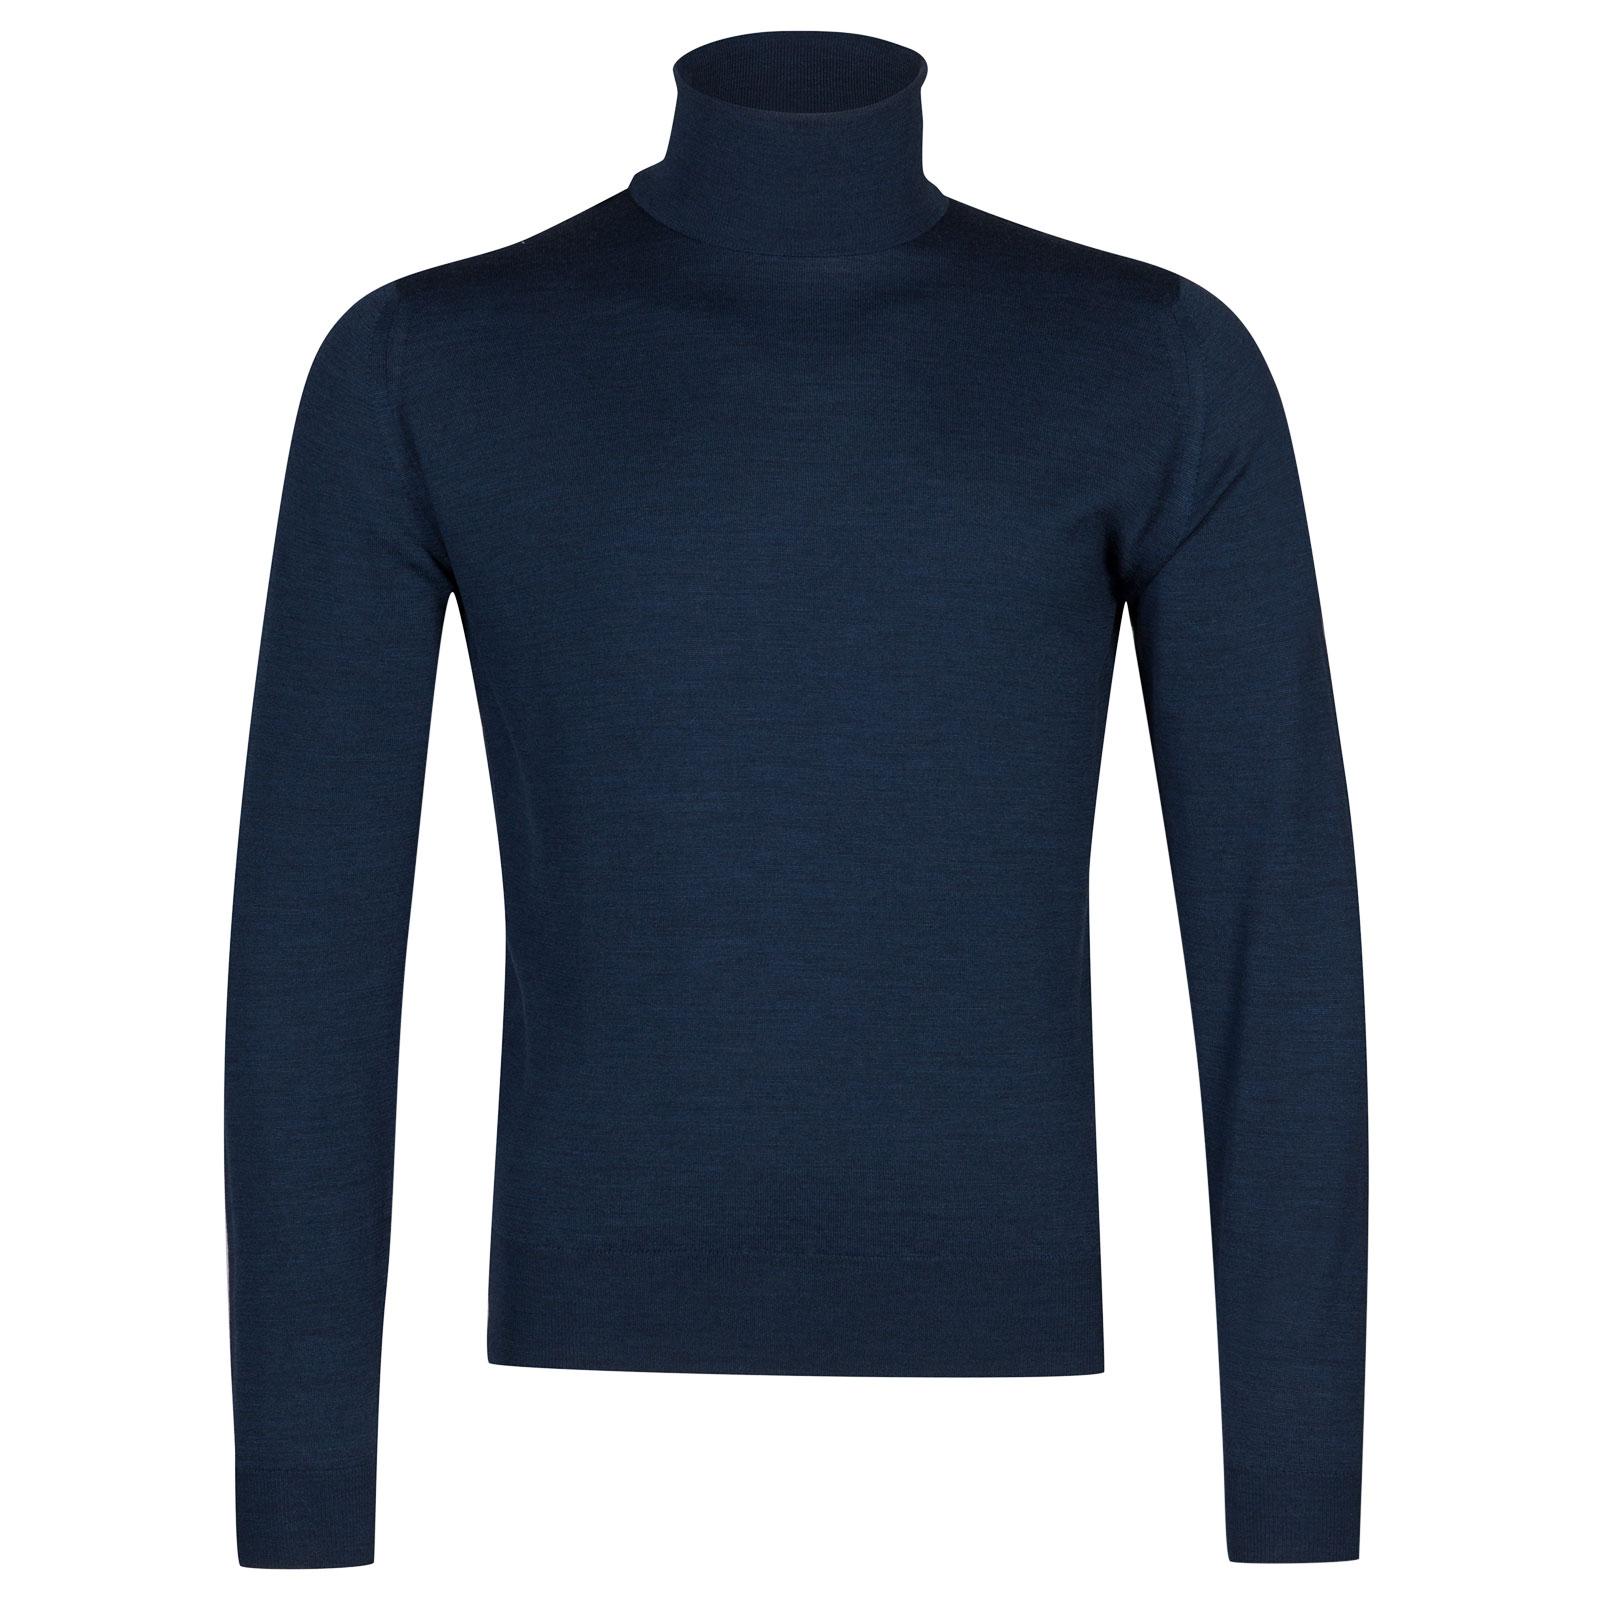 John Smedley Orta Merino Wool Pullover in Indigo-L